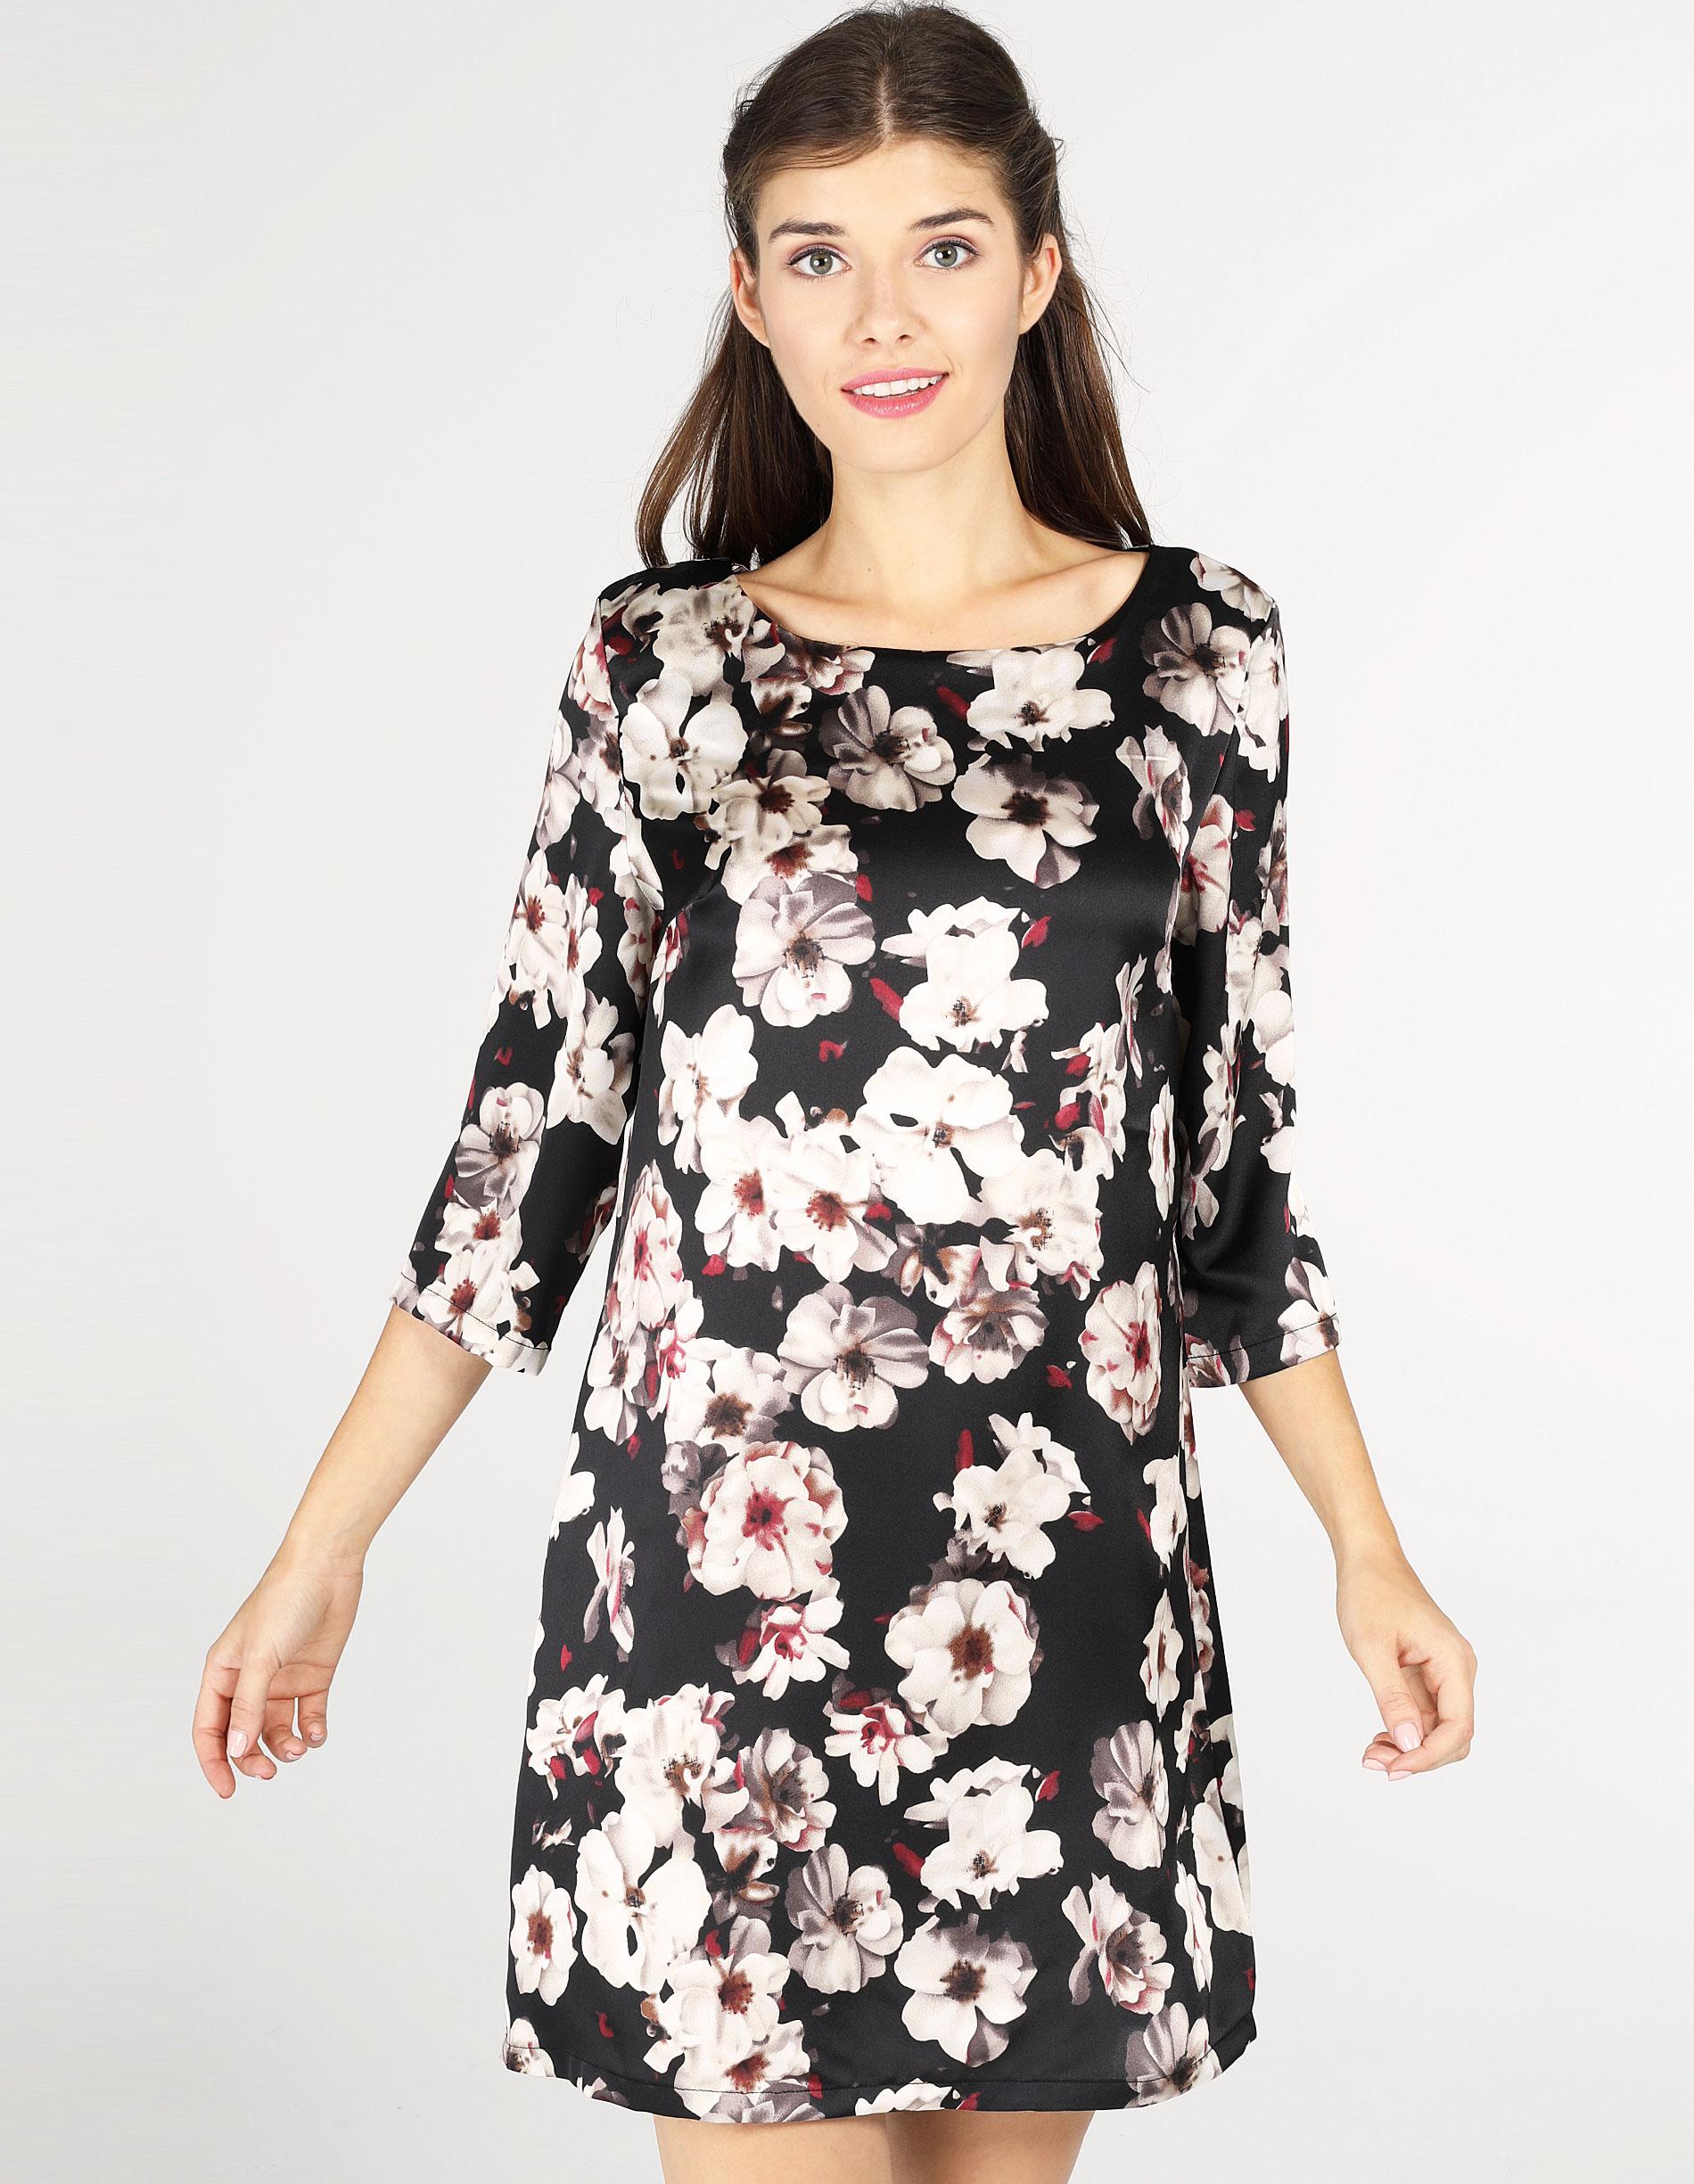 Sukienka - 88-101033 NER - Unisono